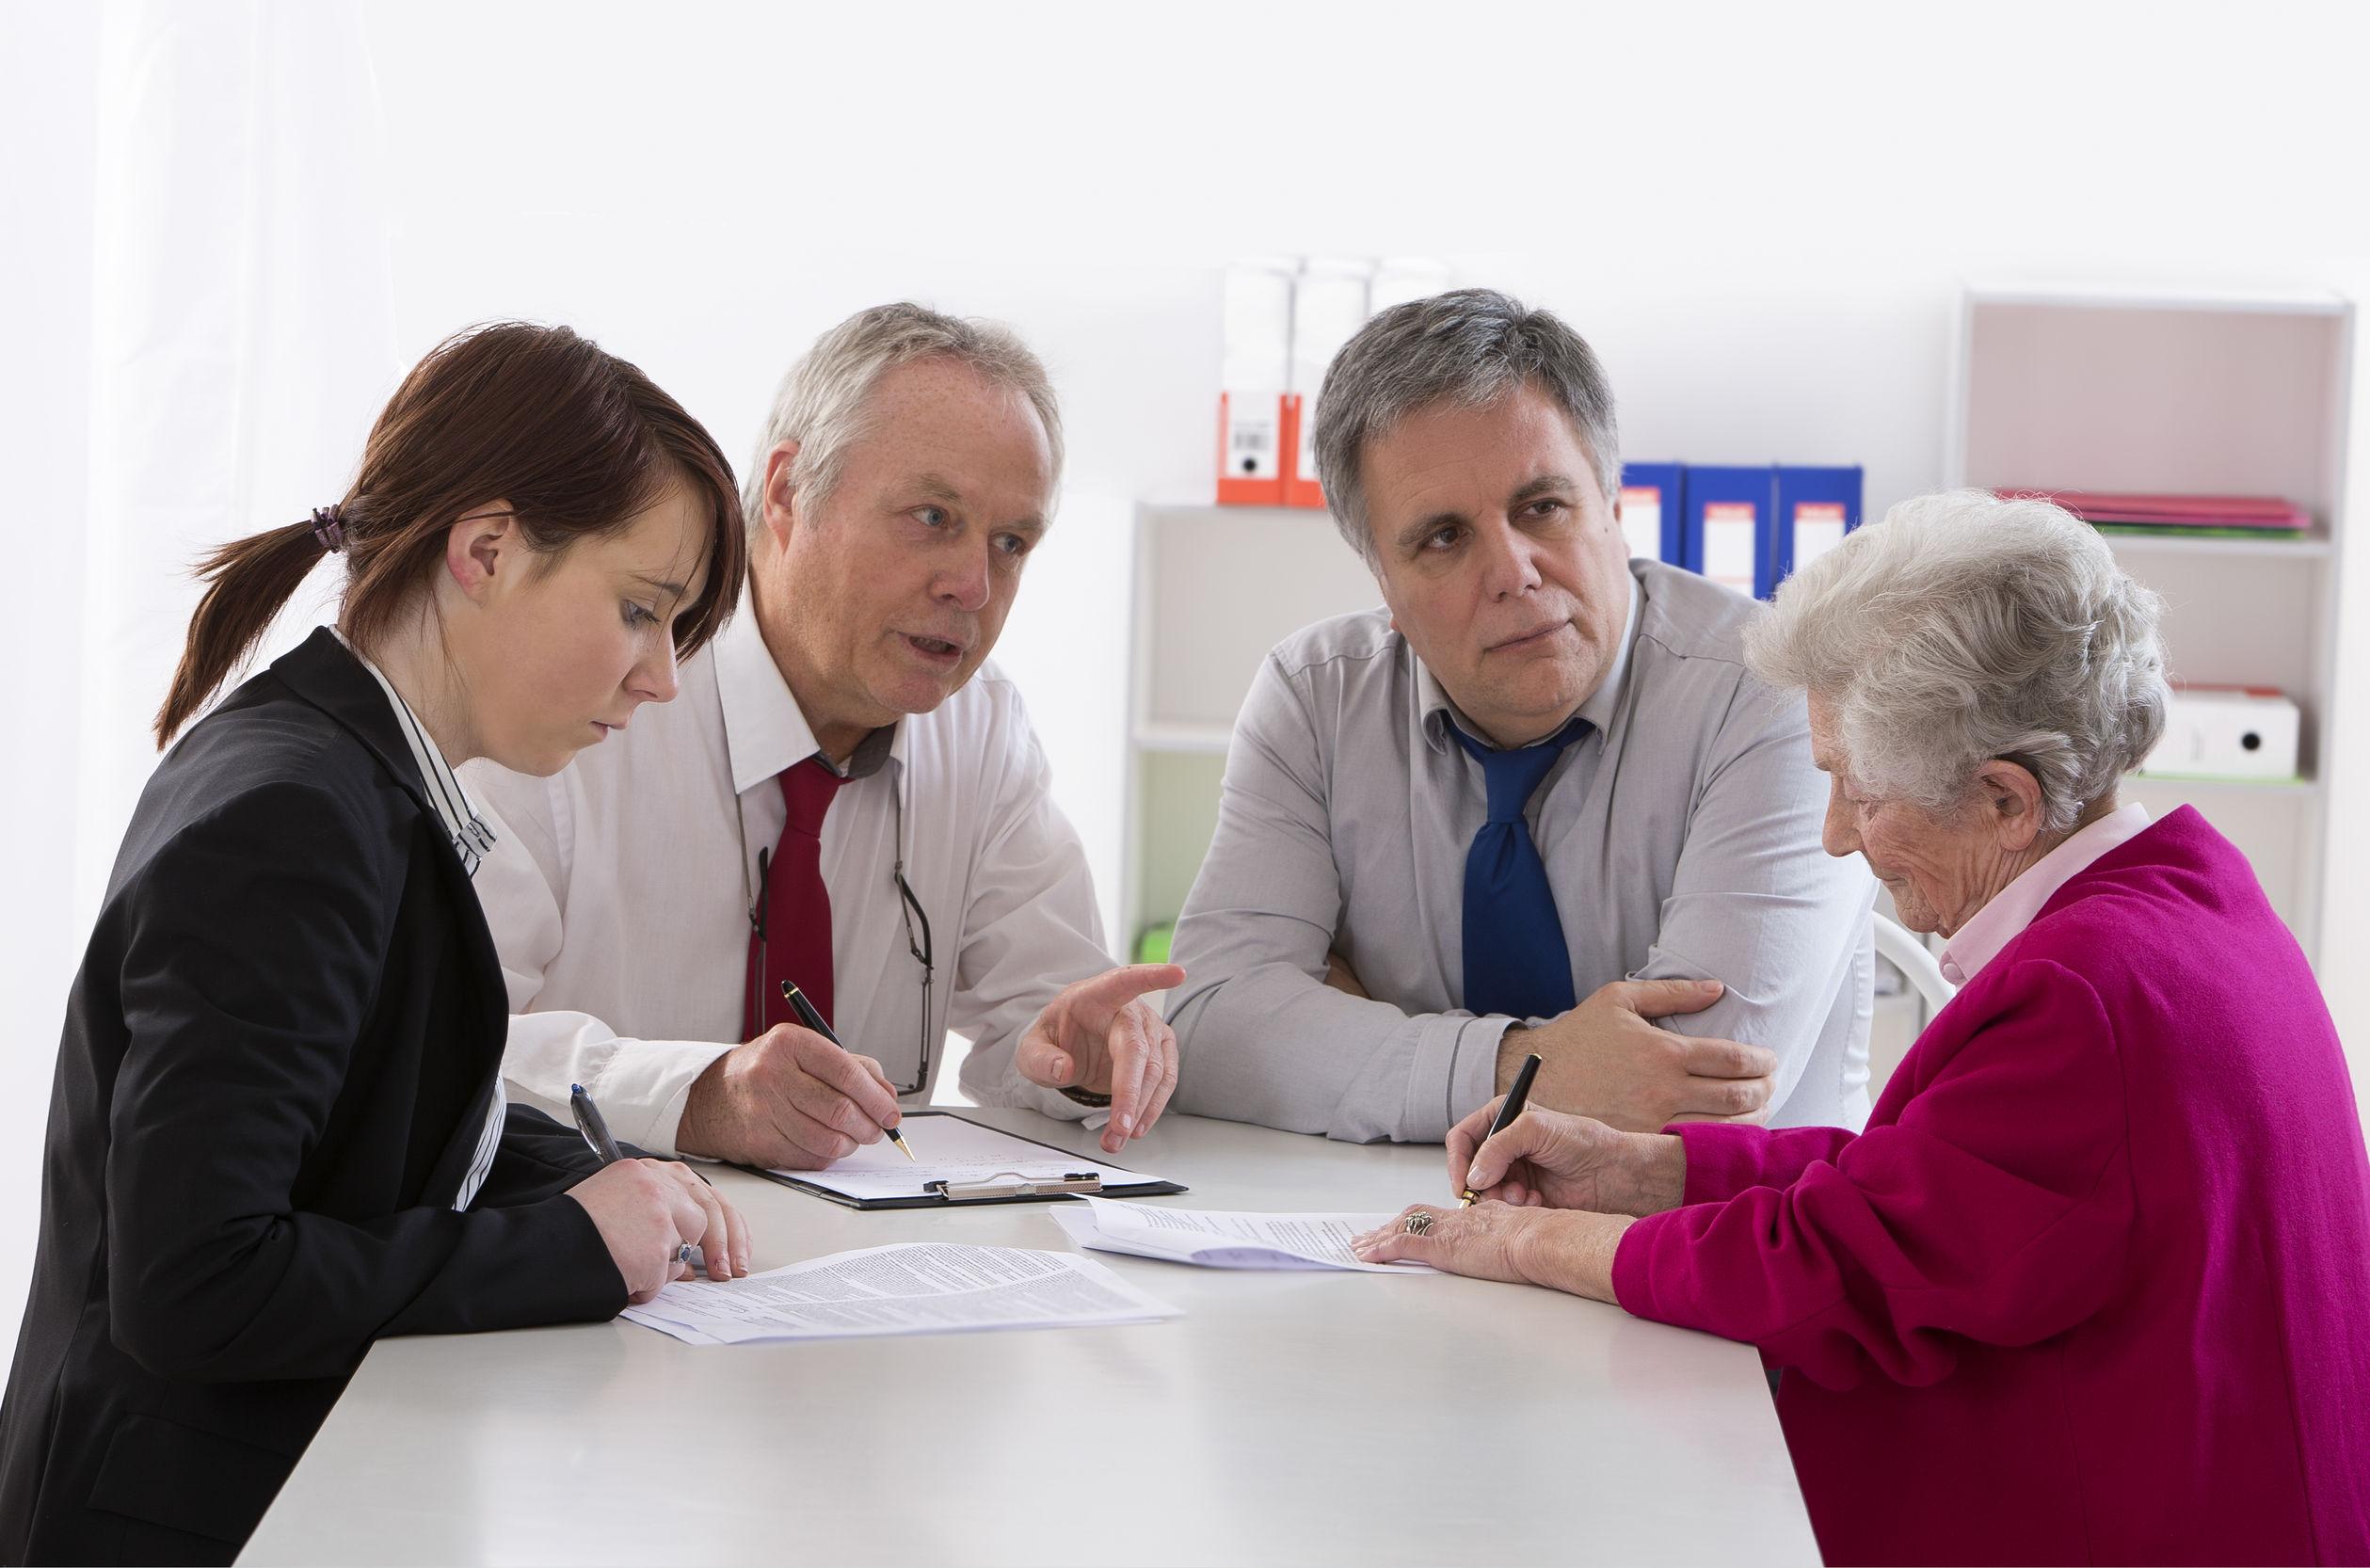 Наследяване на имот.Правна помощ наследяване на имоти